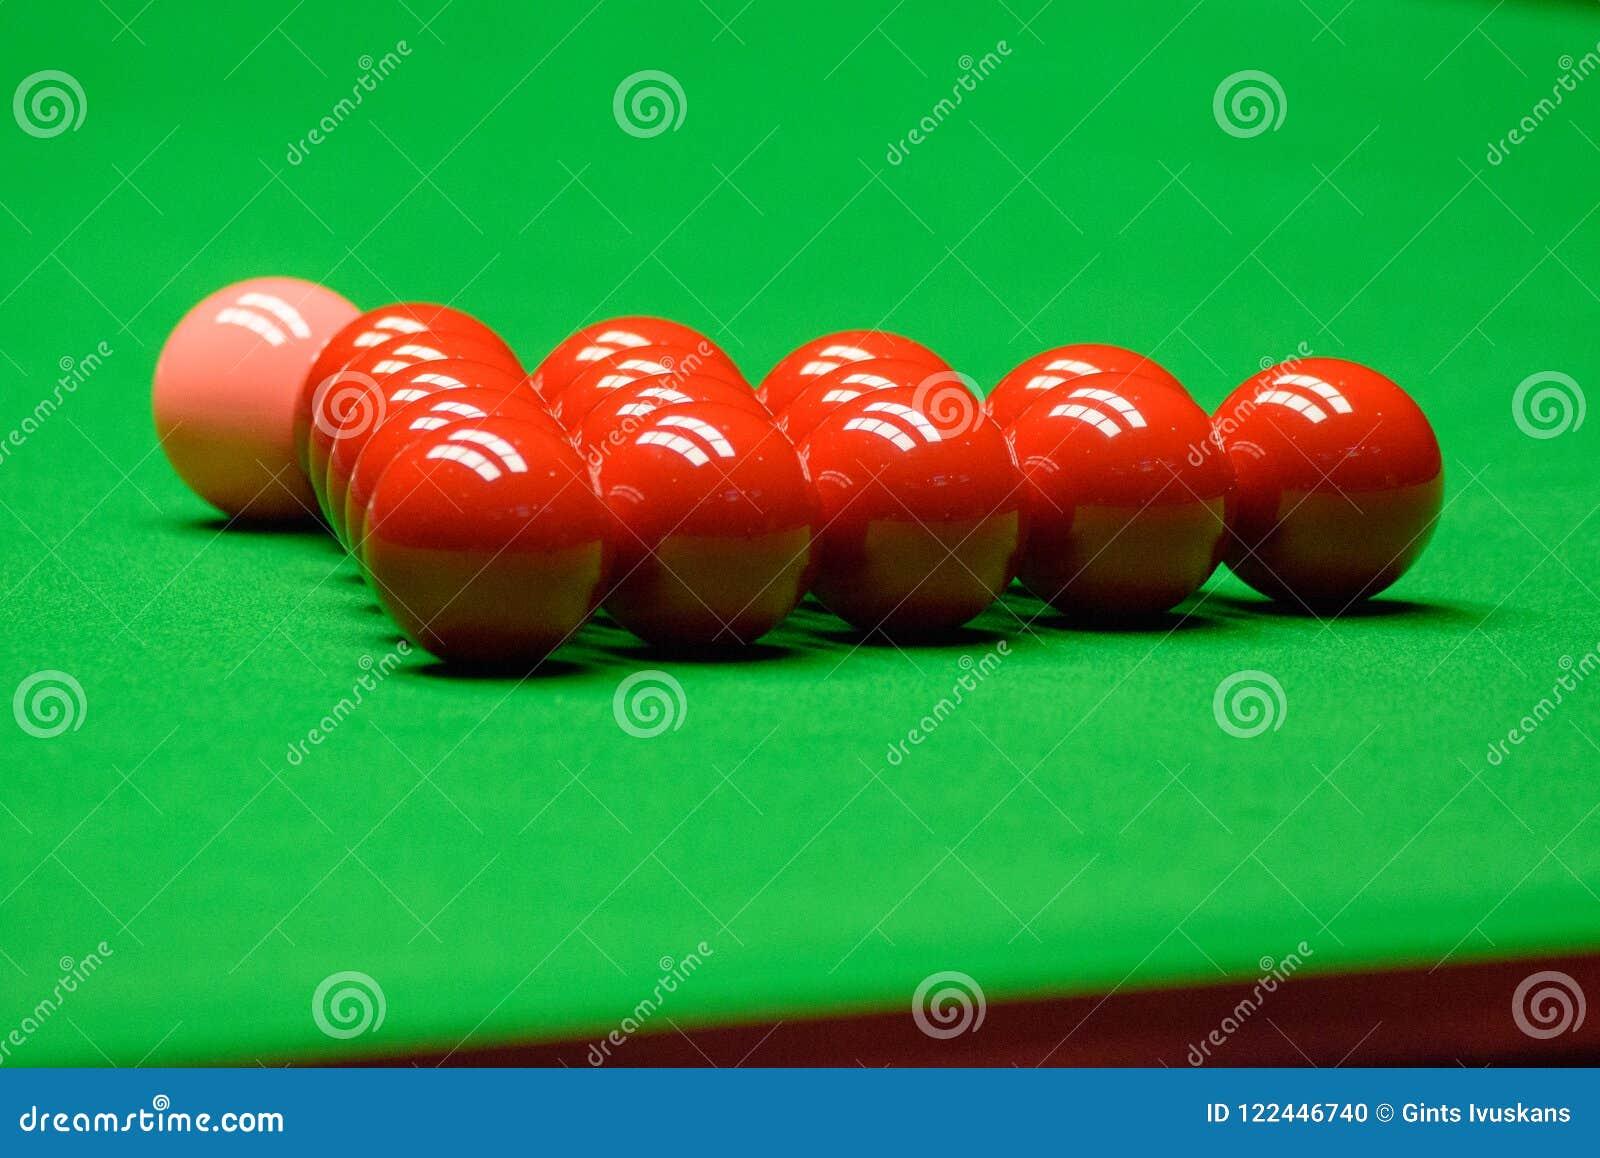 Snookerballen op groene lijst